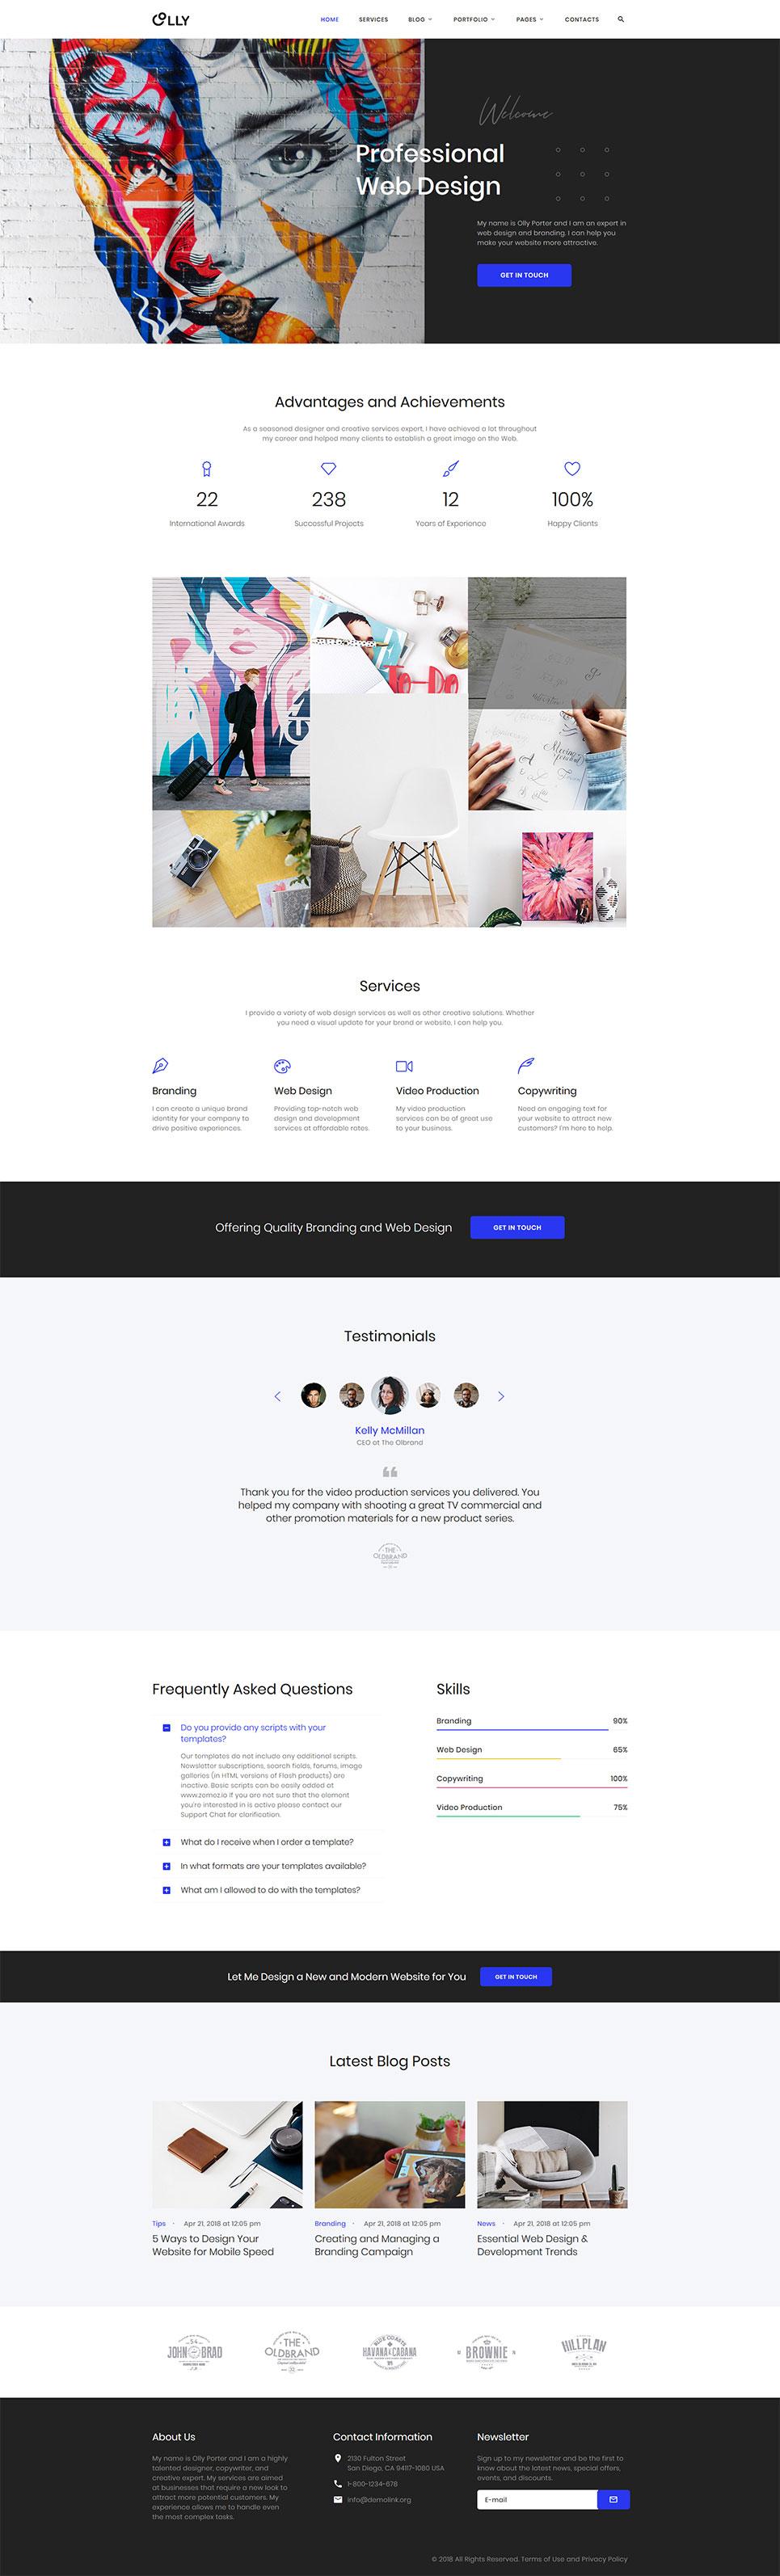 15 Business Templates For Freelancer Websites